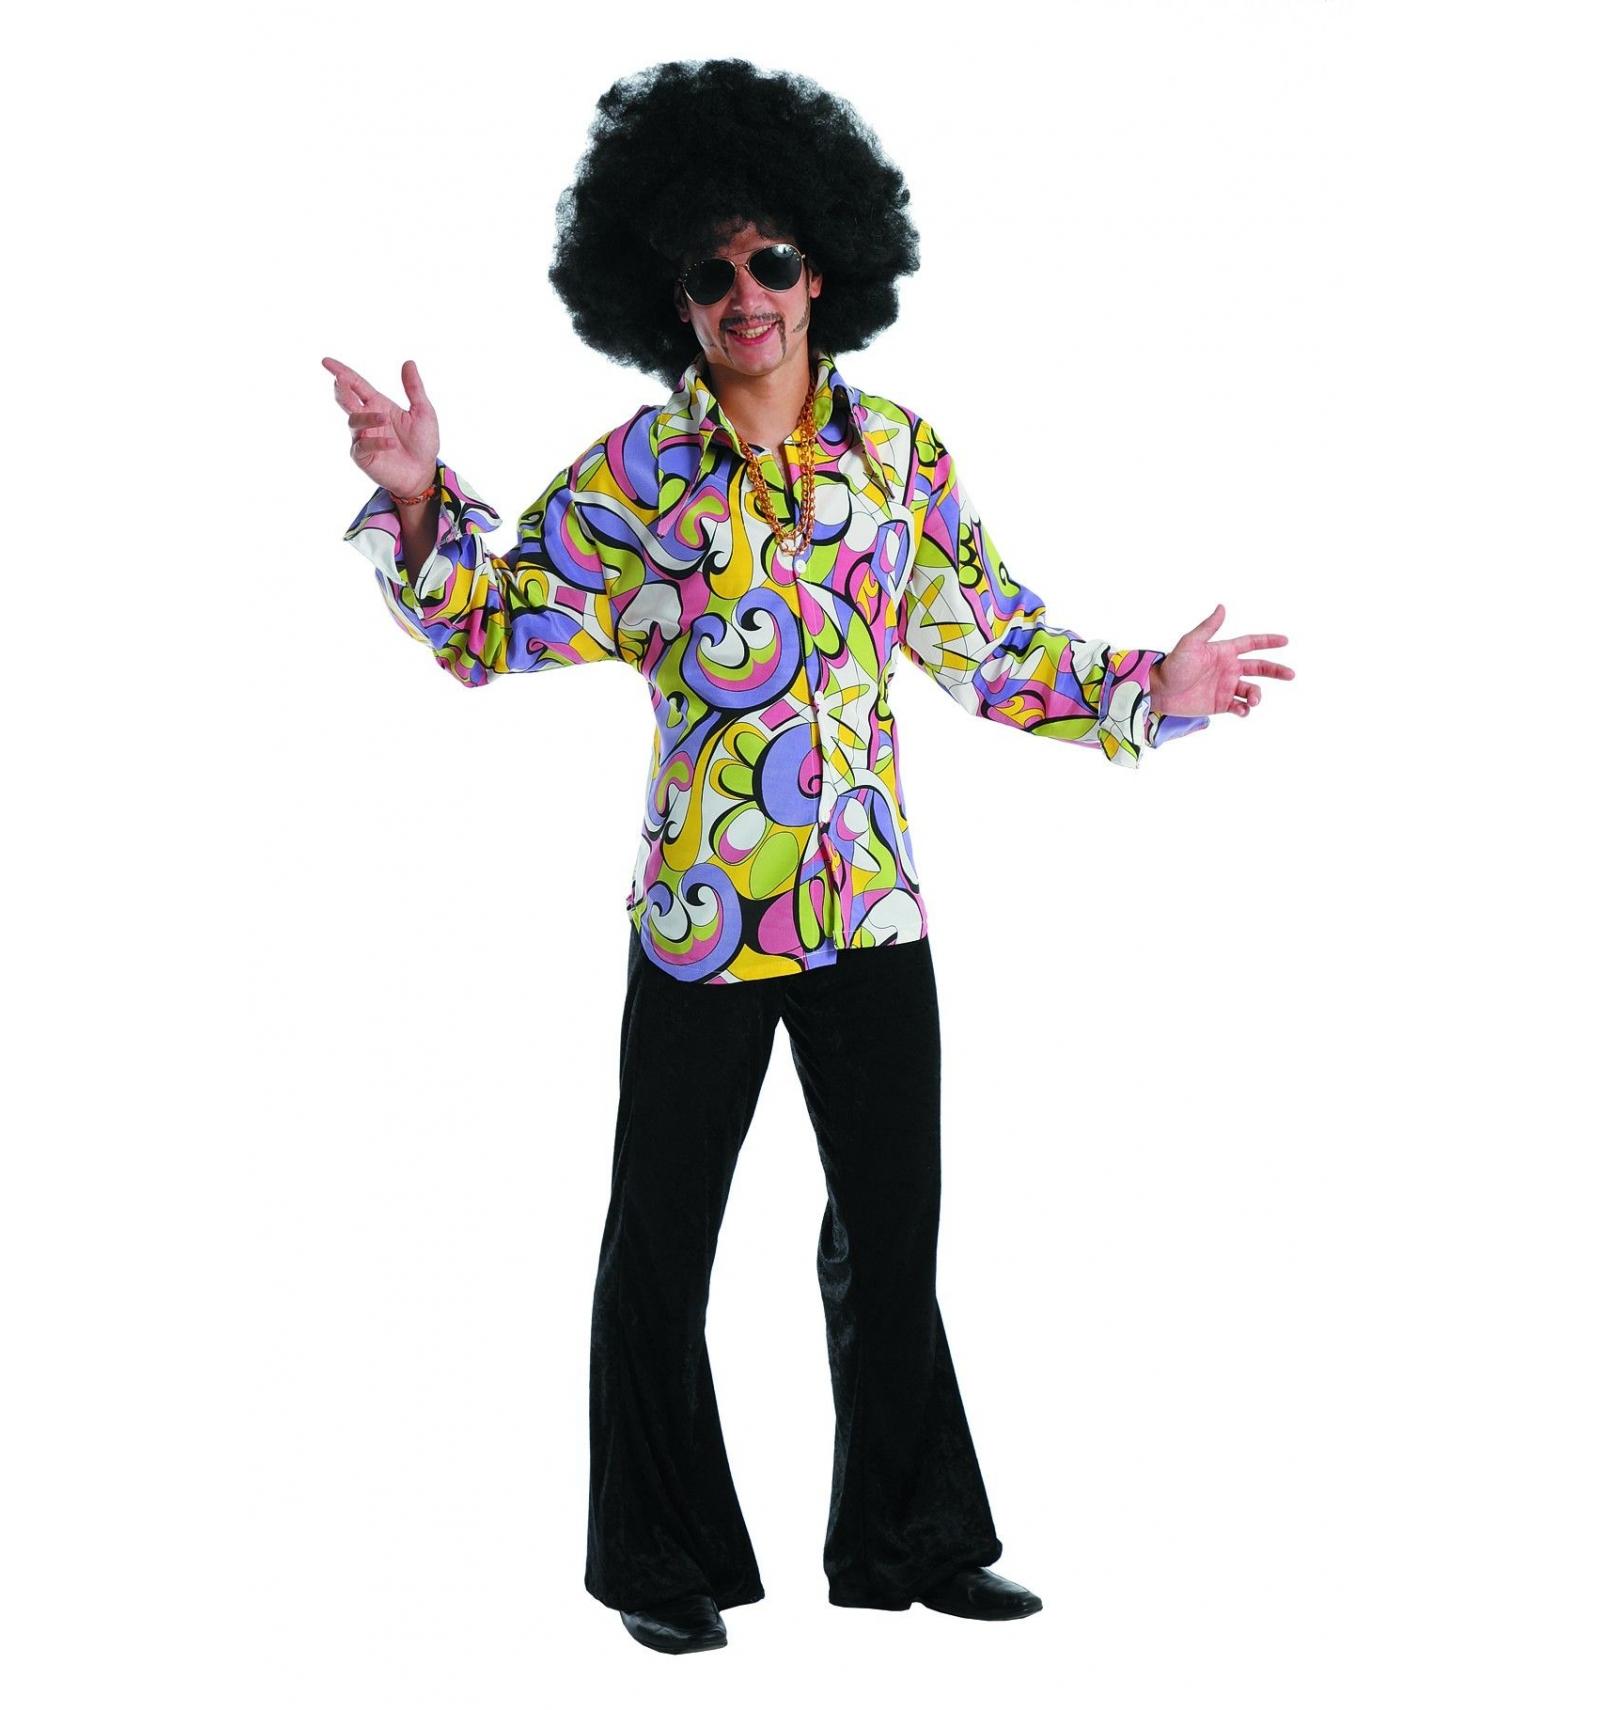 d guisement hippie ann es 70 homme t xxl magasin deguisements offres. Black Bedroom Furniture Sets. Home Design Ideas